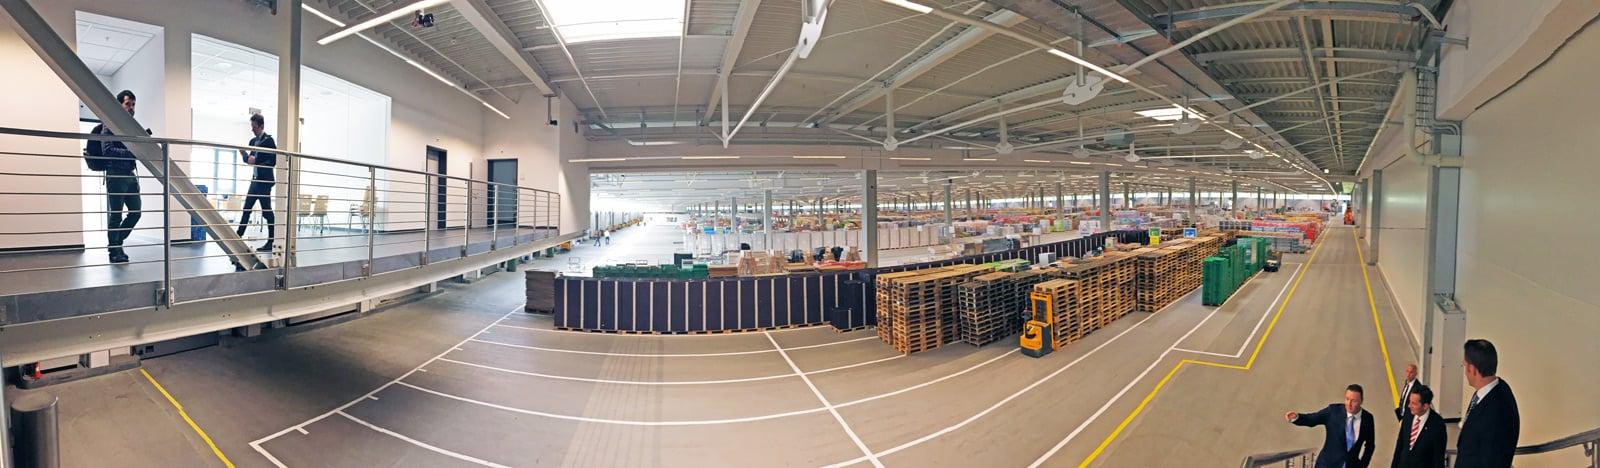 Total 300 Meter misst die Lagerhalle für Trockenprodukte. 100 Meter für die Verwaltung liegen im Anschluss direkt daneben.